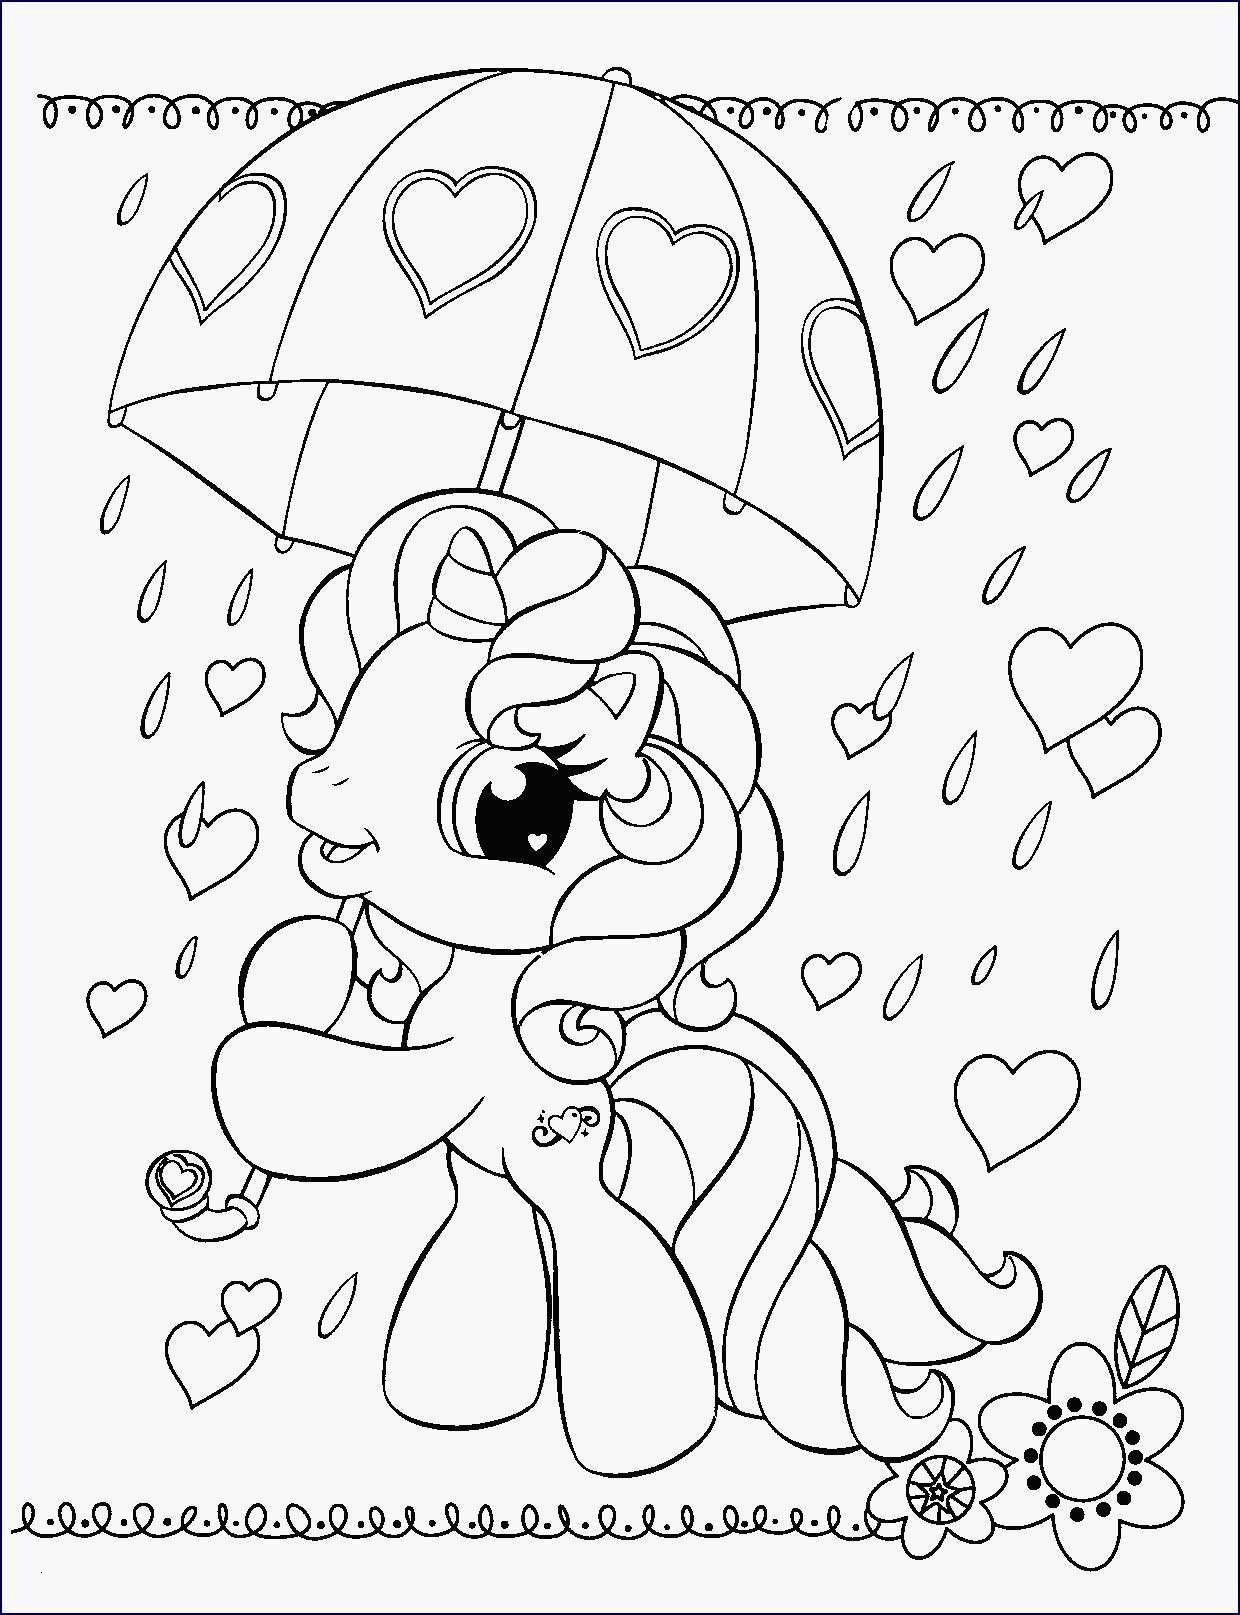 My Little Pony Bilder Zum Ausmalen Einzigartig 40 Ausmalbilder Equestria Girls Scoredatscore Elegant My Little Pony Bilder